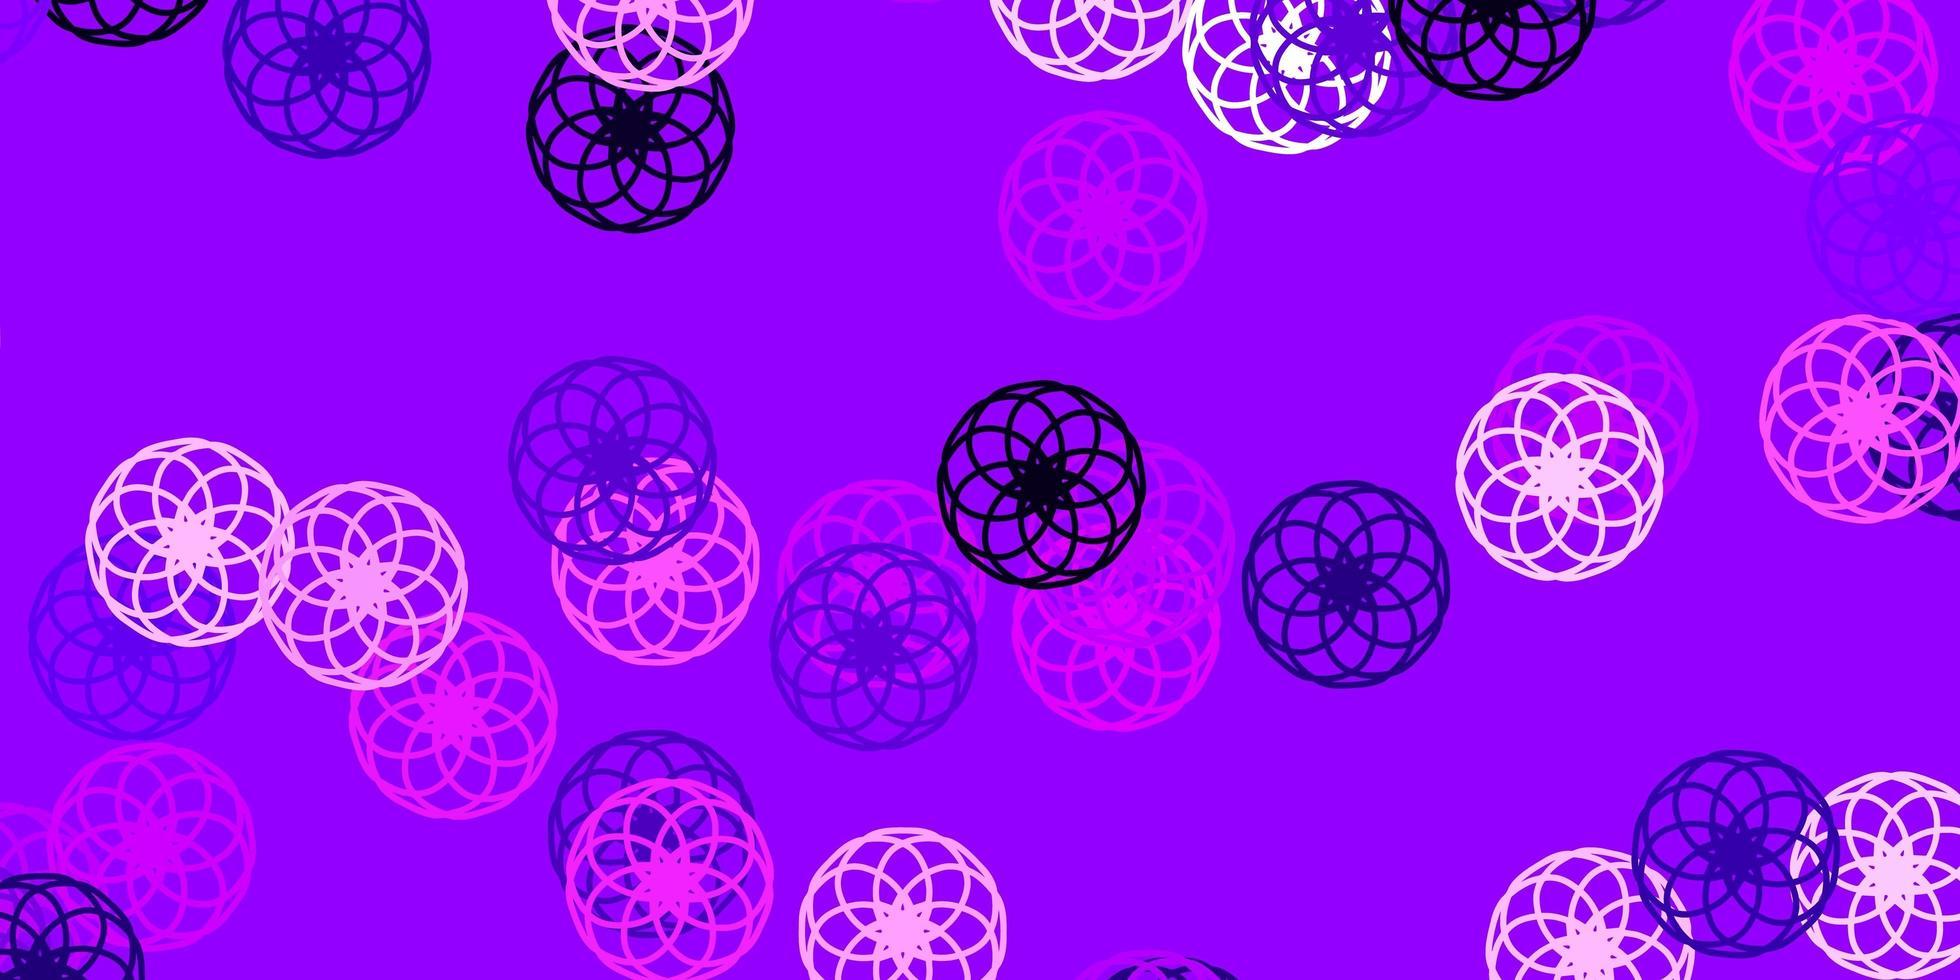 sfondo vettoriale viola chiaro, rosa con punti.